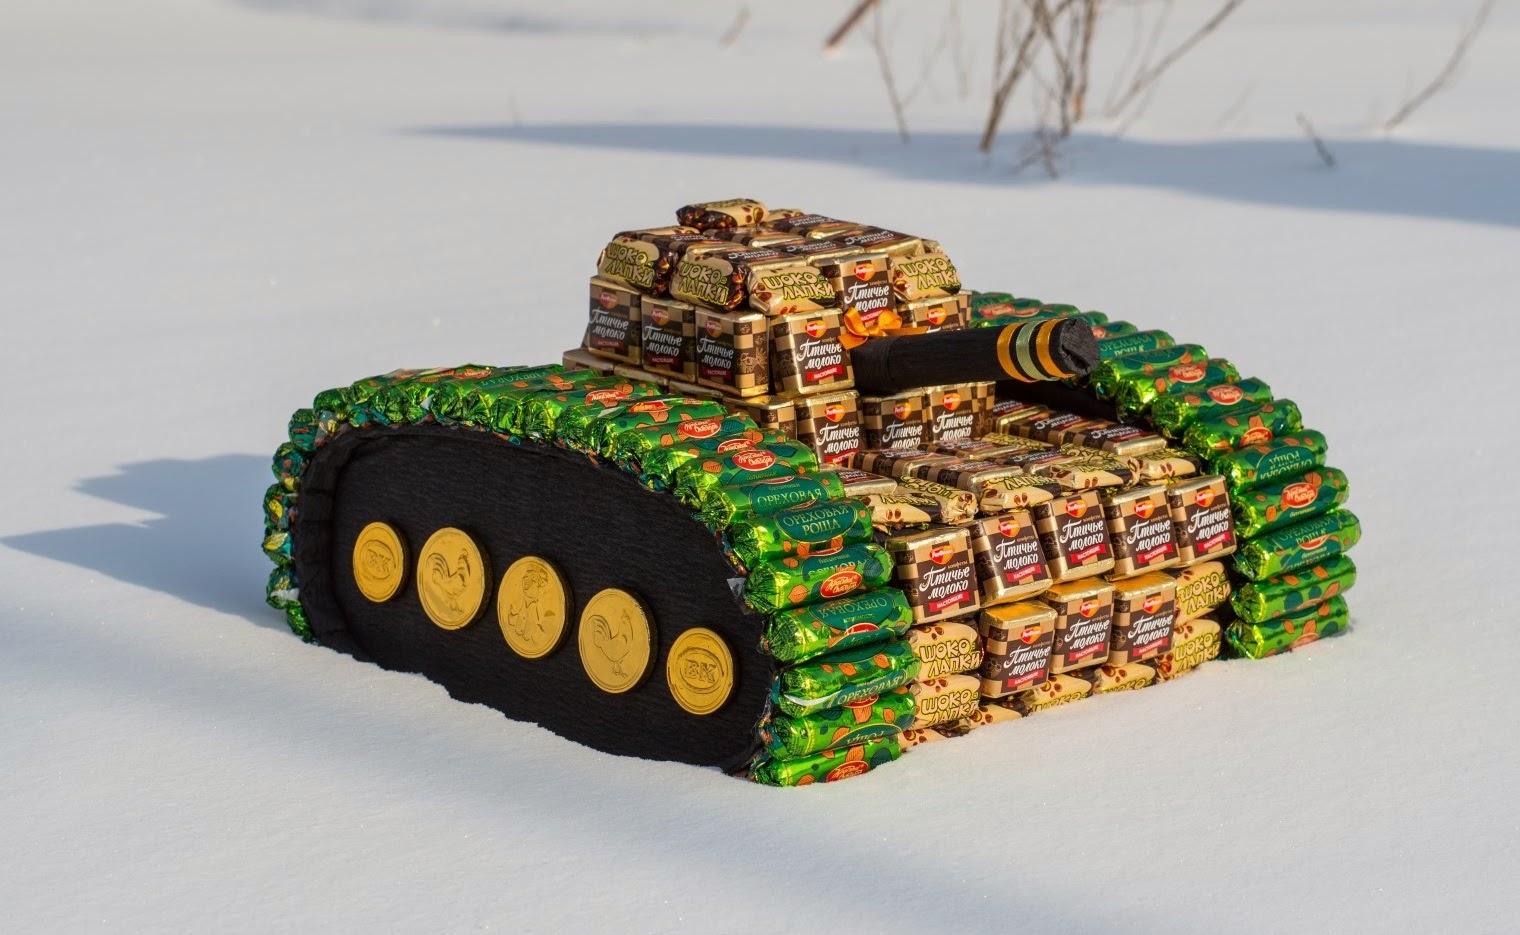 Как сделать танк из конфет своими руками с фото